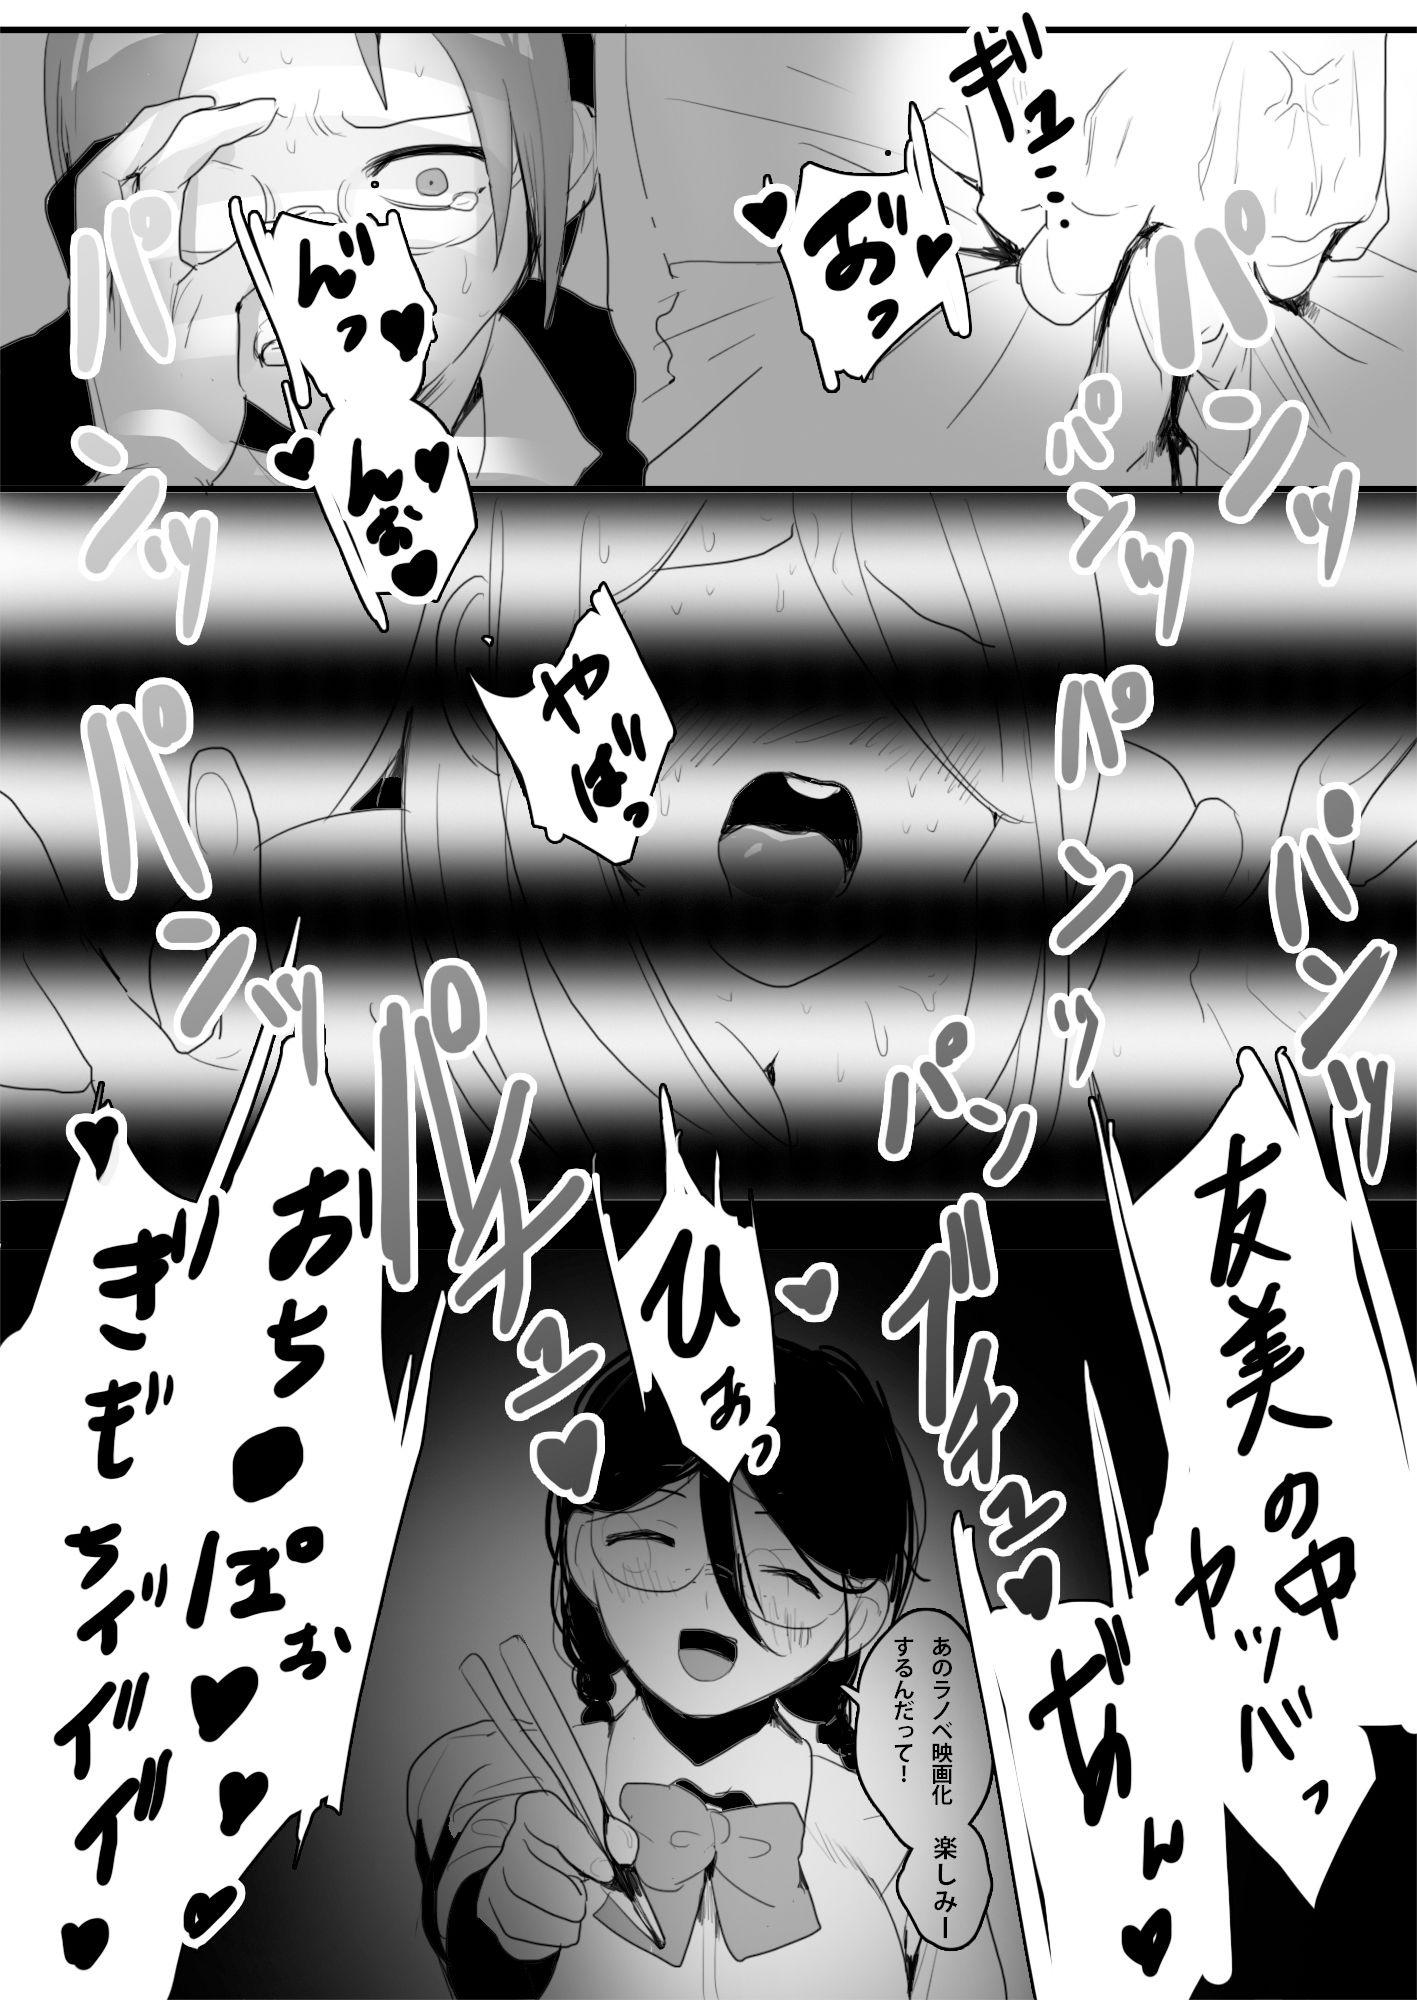 [同人]「地味ヲタ幼馴染NTR」(ブリッツクリーク)